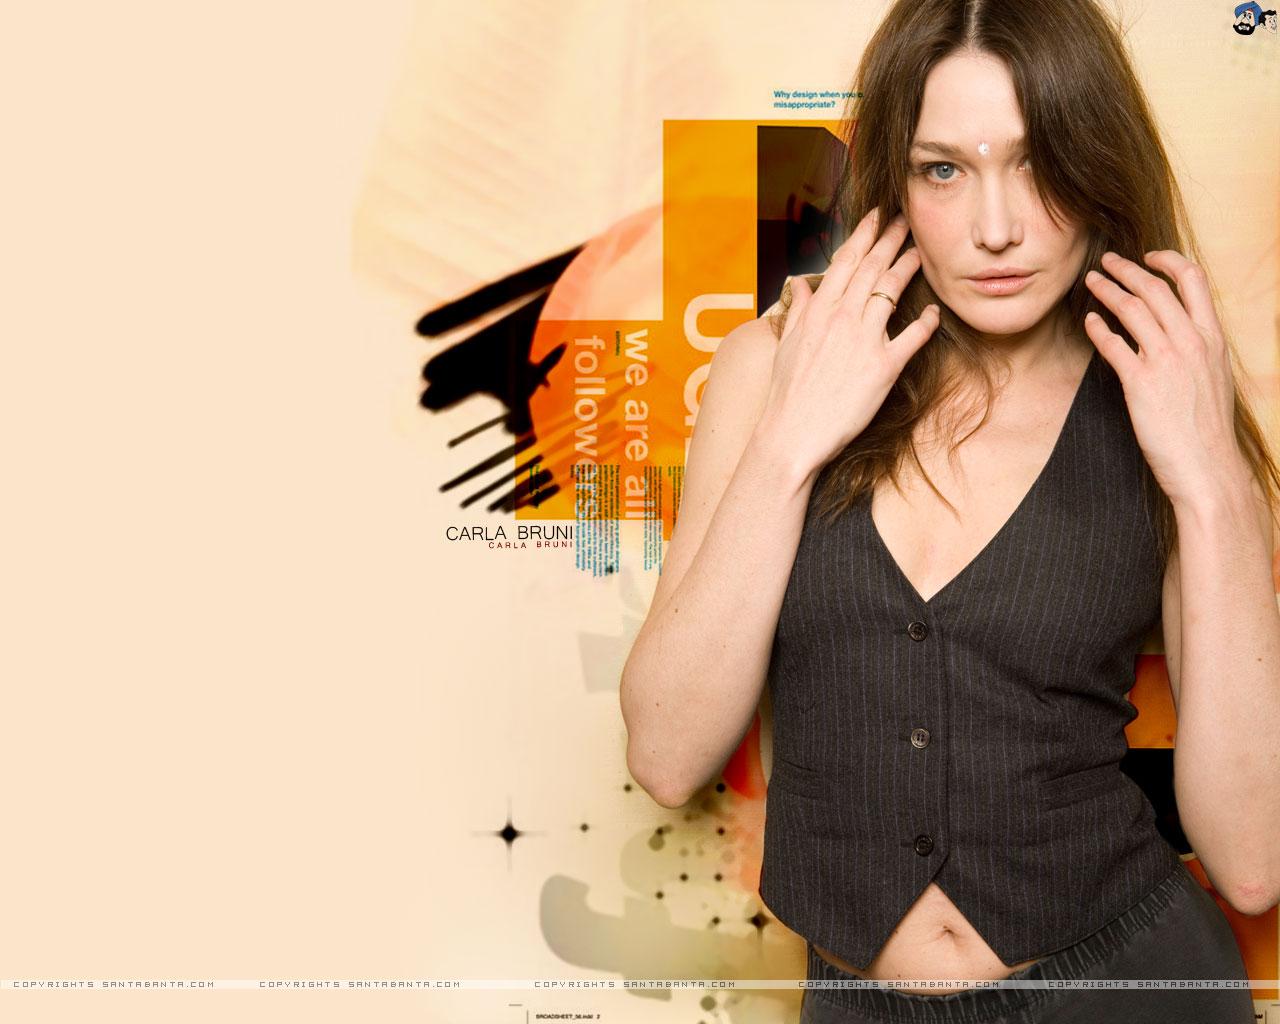 http://3.bp.blogspot.com/_v_hUNXBZfl0/TEmQ-iyxfDI/AAAAAAAANJM/izaElwJfI0k/s1600/ca3+%281%29.jpg